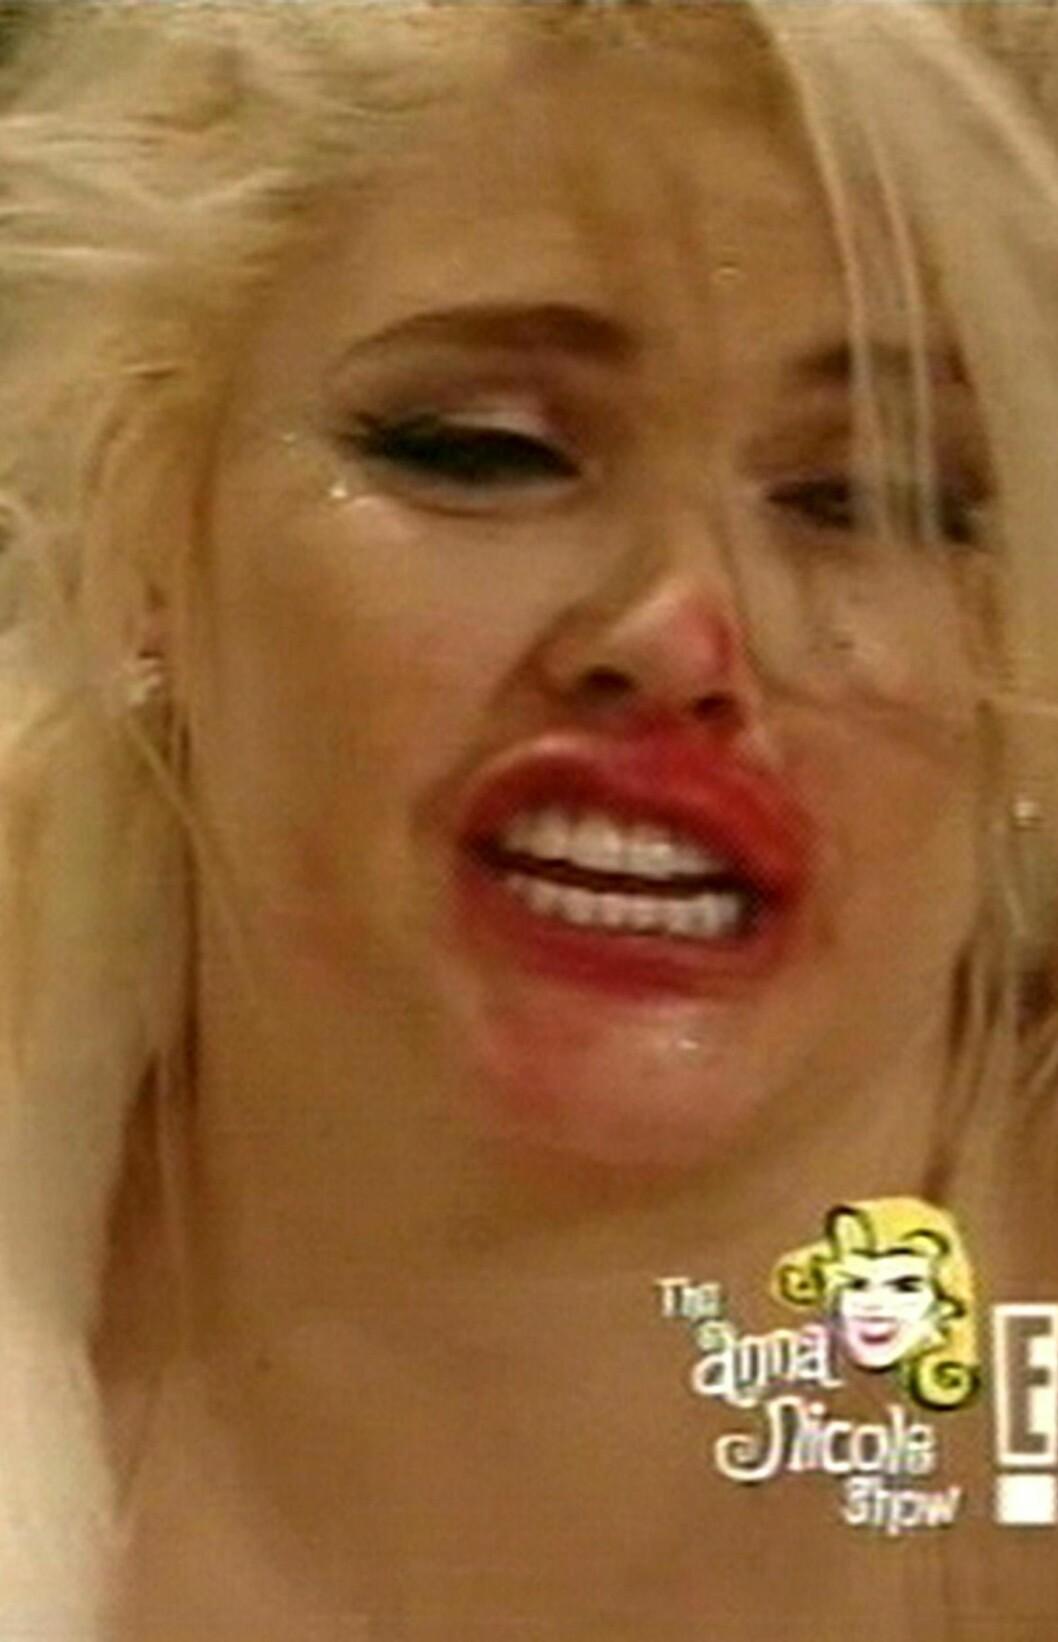 Avdøde Anna Nicole Smith var ikke alltid så nøye på det når hun skulle på tv. Her fra julefeiring i hennes eget The Anna Nicole Show.